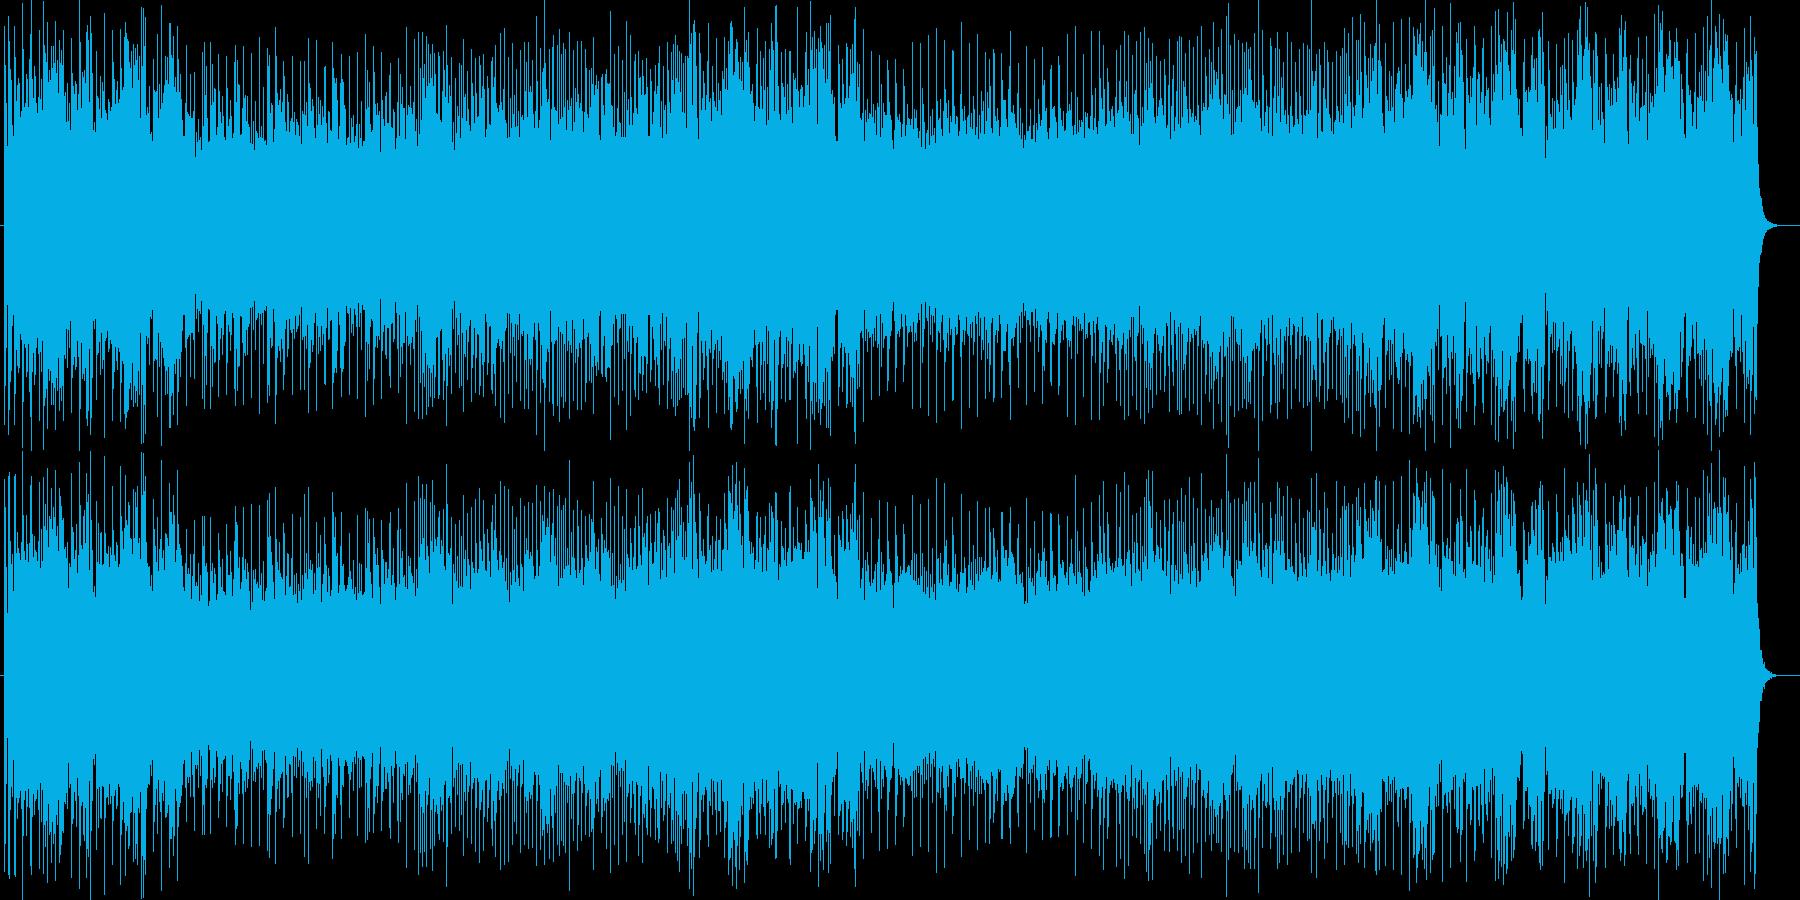 メロディやリズムがダイナミックに響く楽曲の再生済みの波形